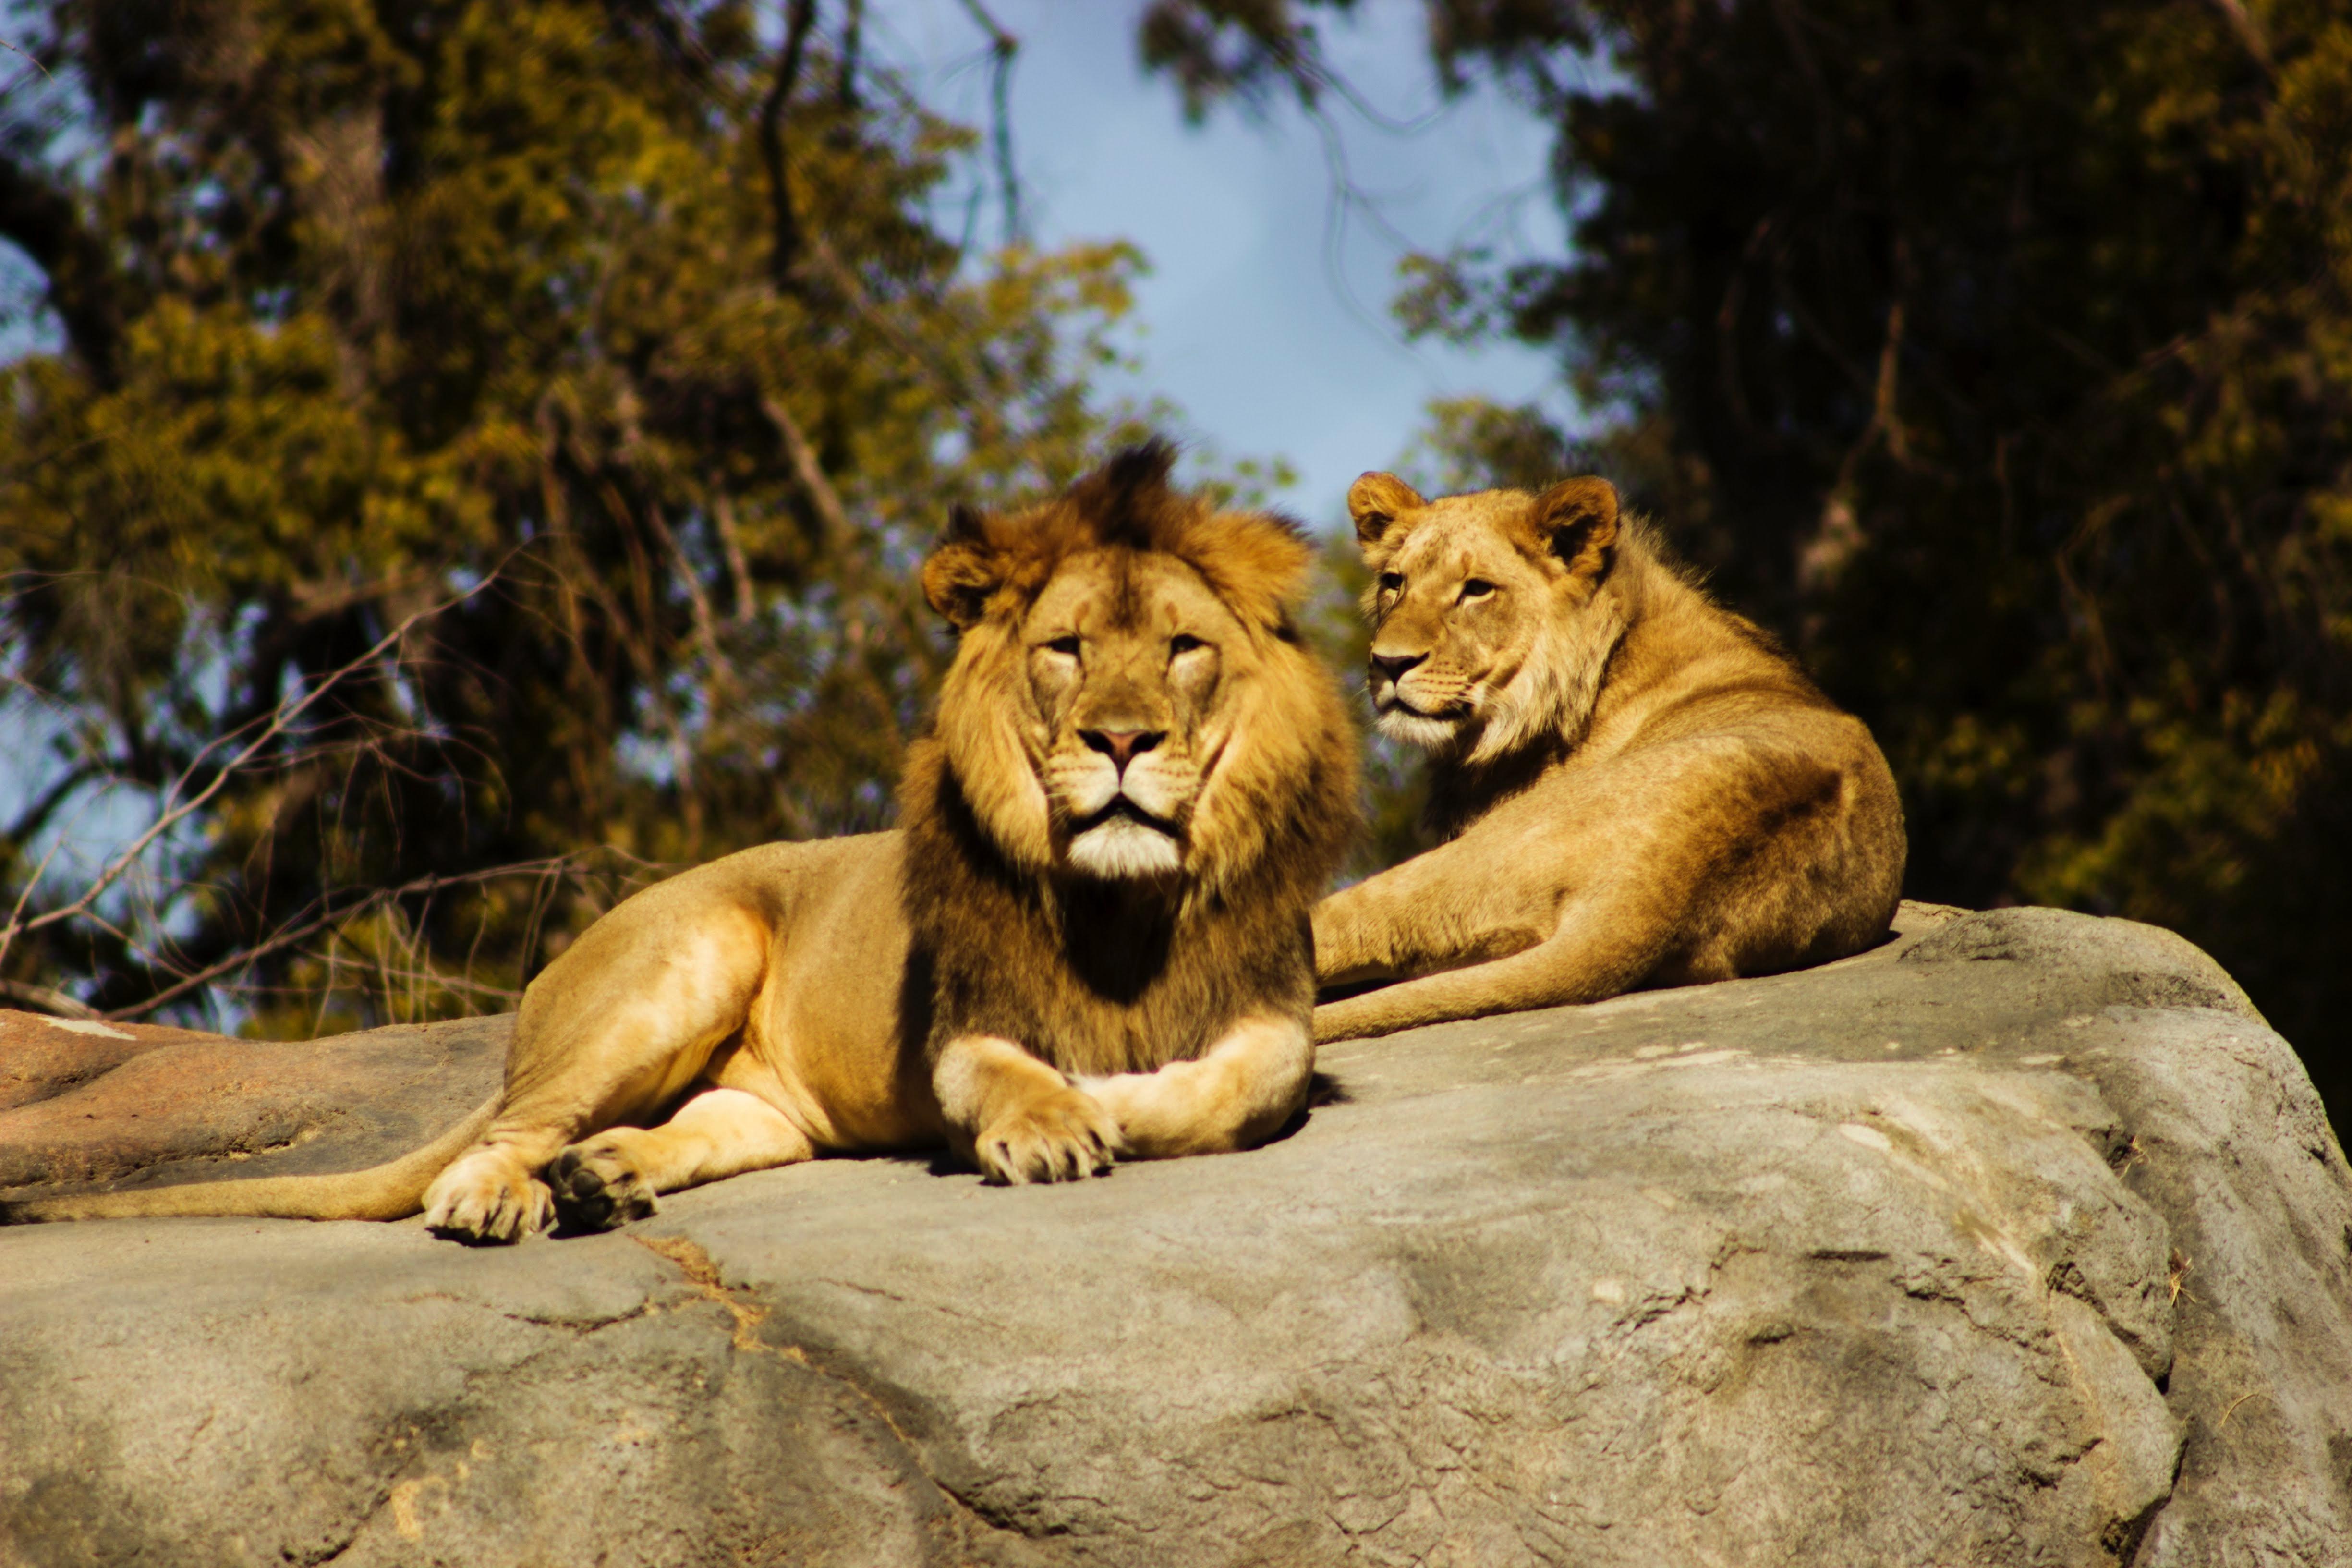 Louisville Zoo in Kentucky